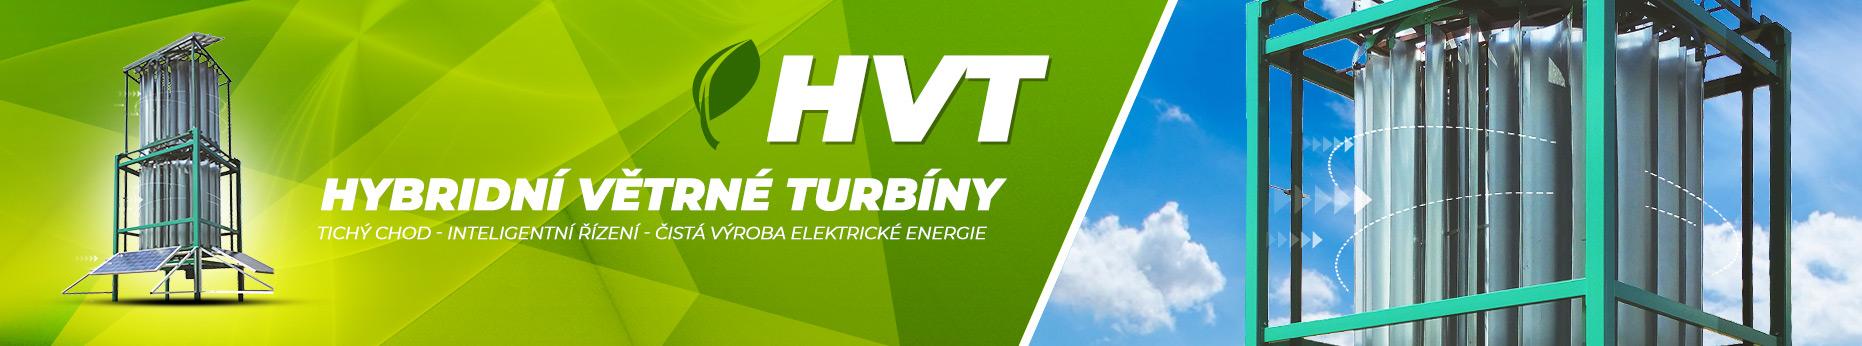 HVT - Hybridní větrná turbína